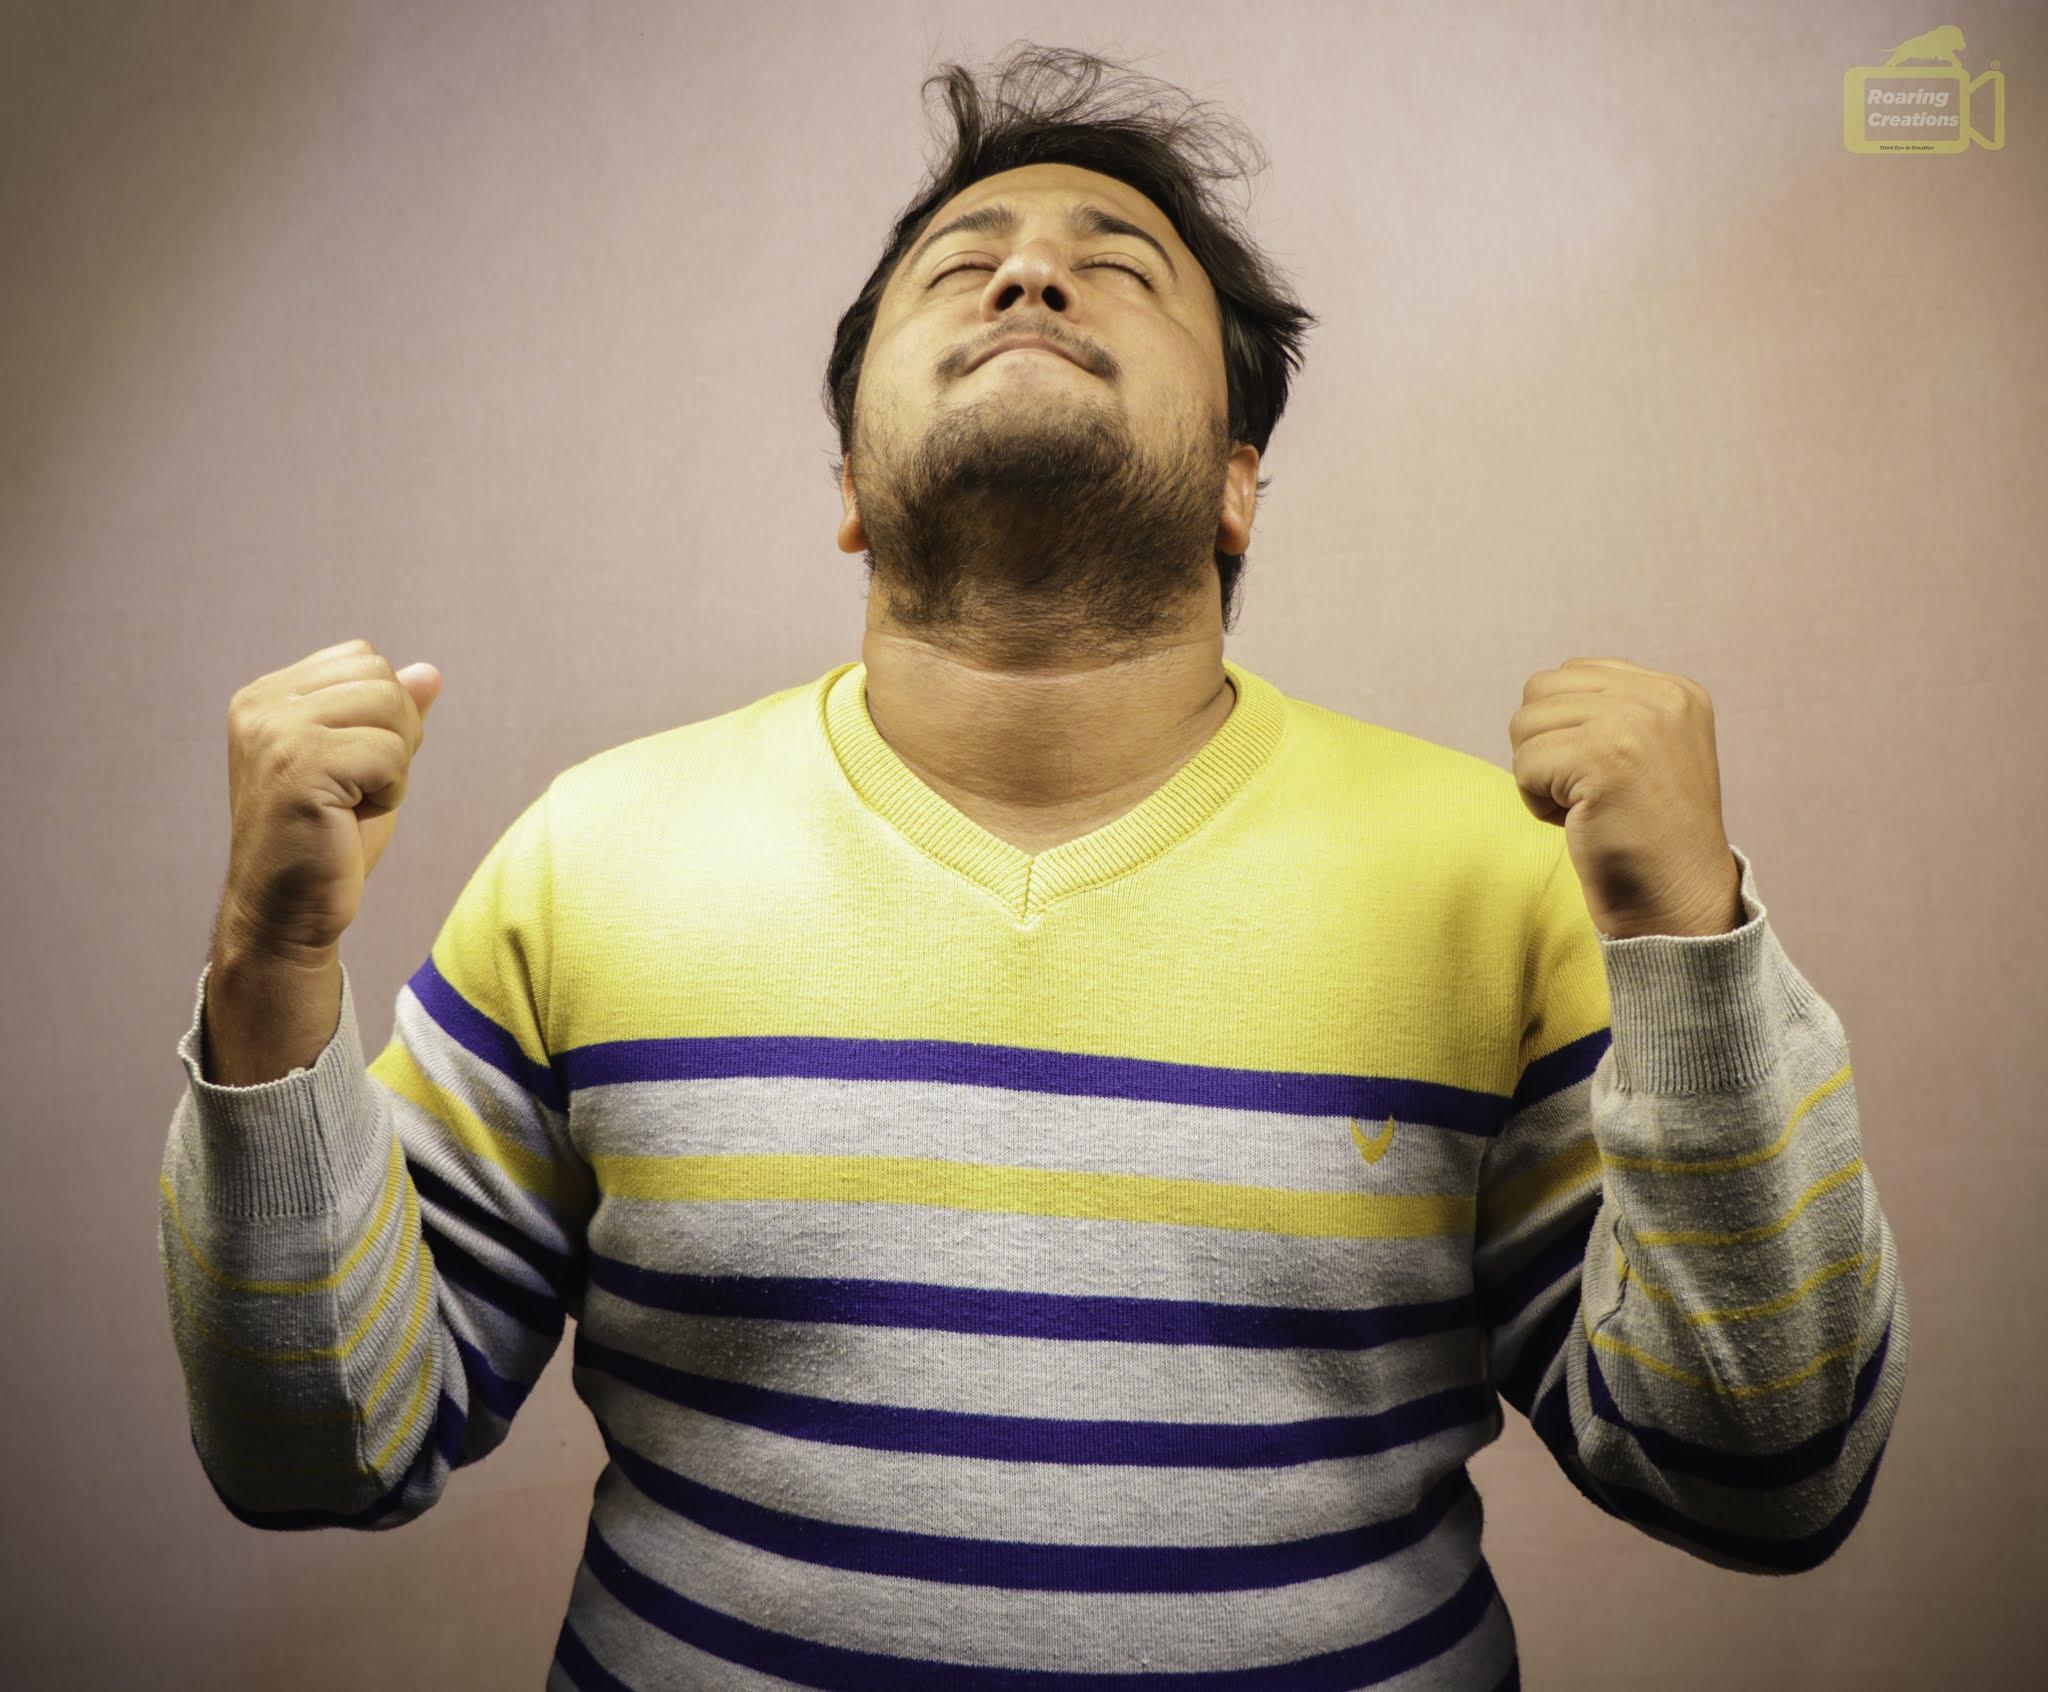 ಹೆದರದೇ ಮುಂದೆ ಸಾಗಿ - One Minute Motivation in Kannada